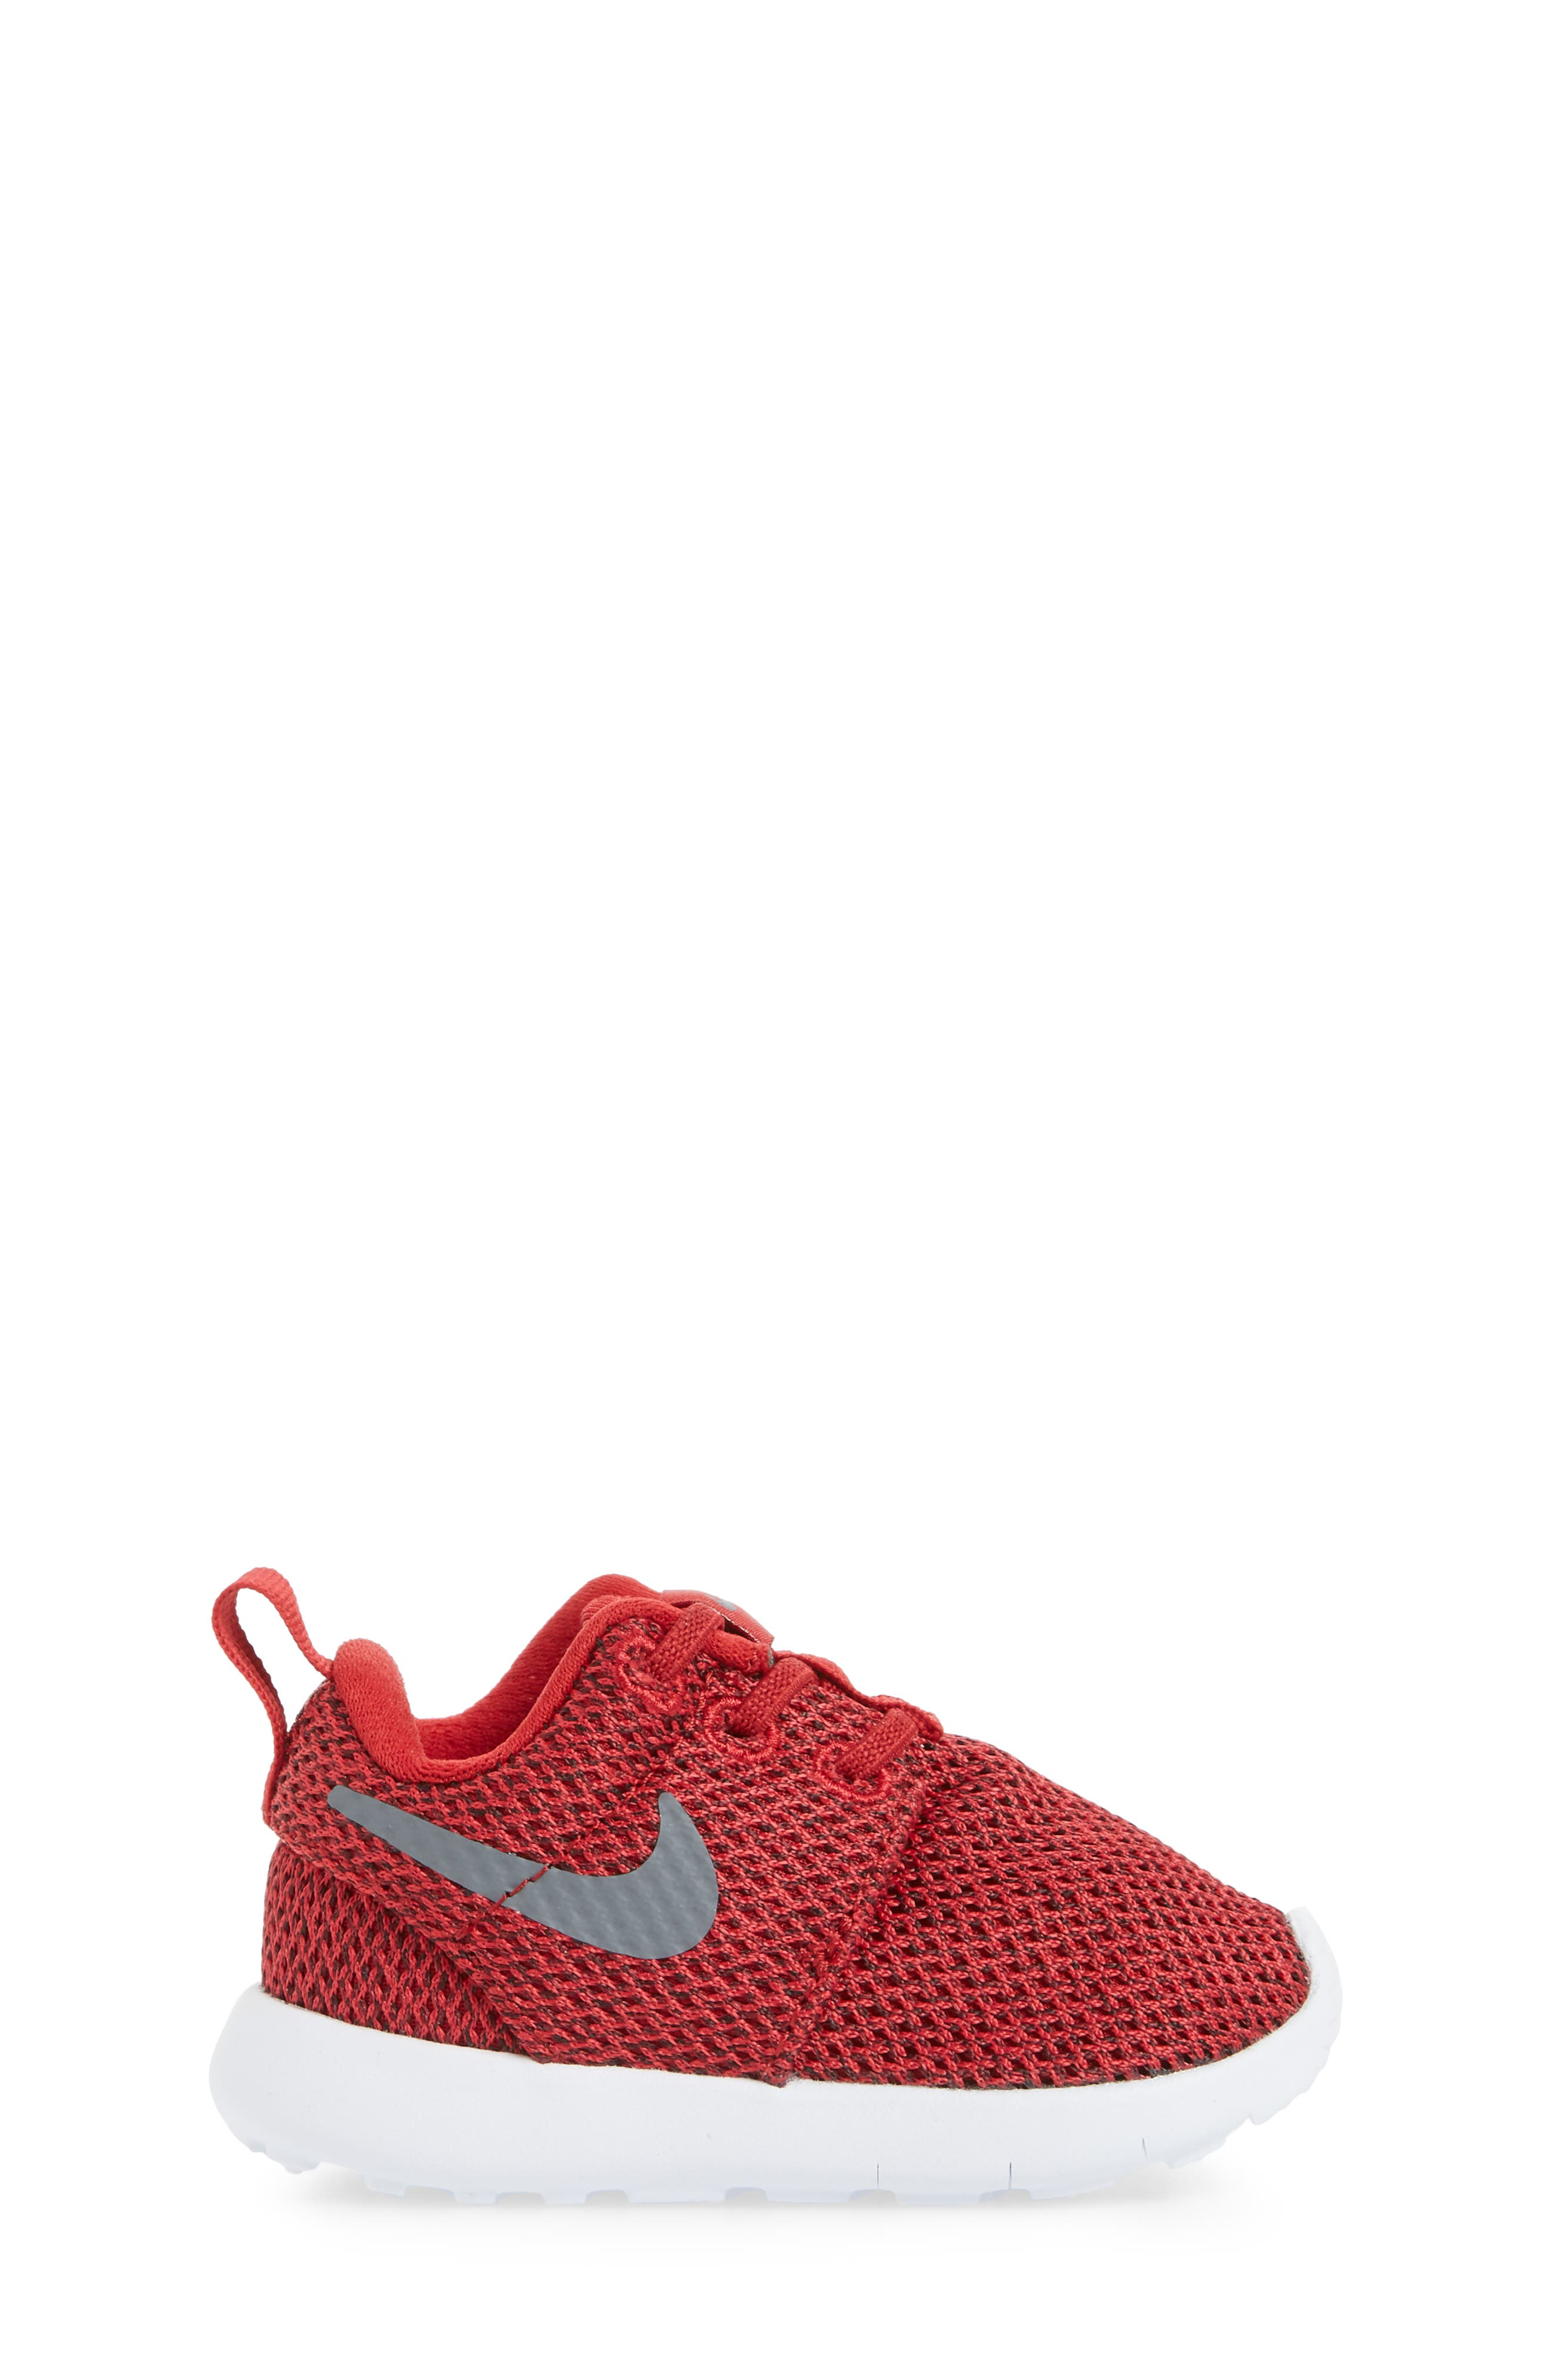 'Roshe Run' Sneaker,                             Alternate thumbnail 3, color,                             608